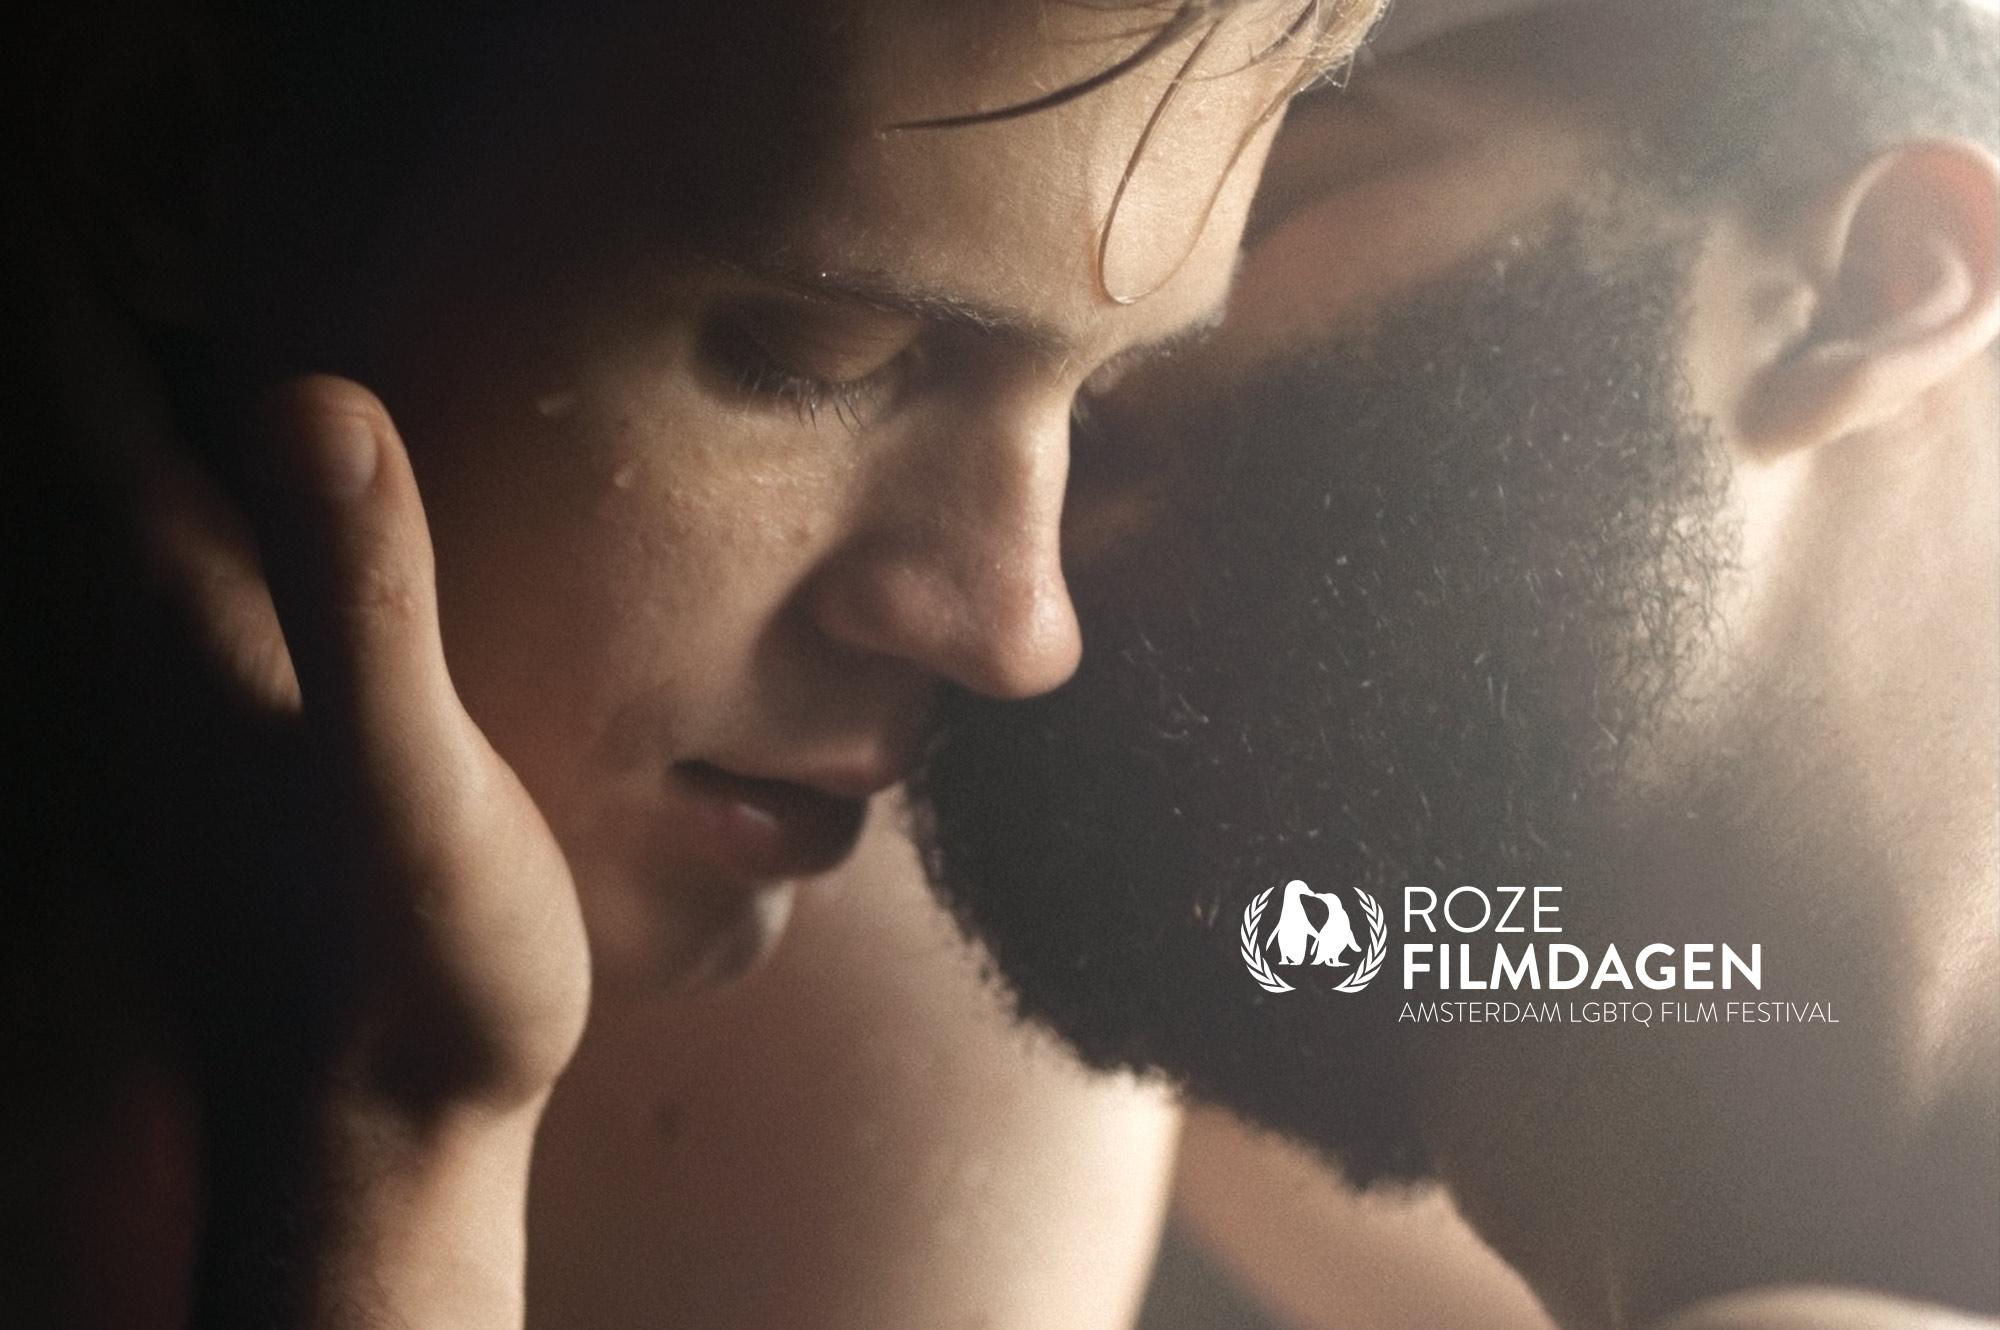 películas temática gay 2020